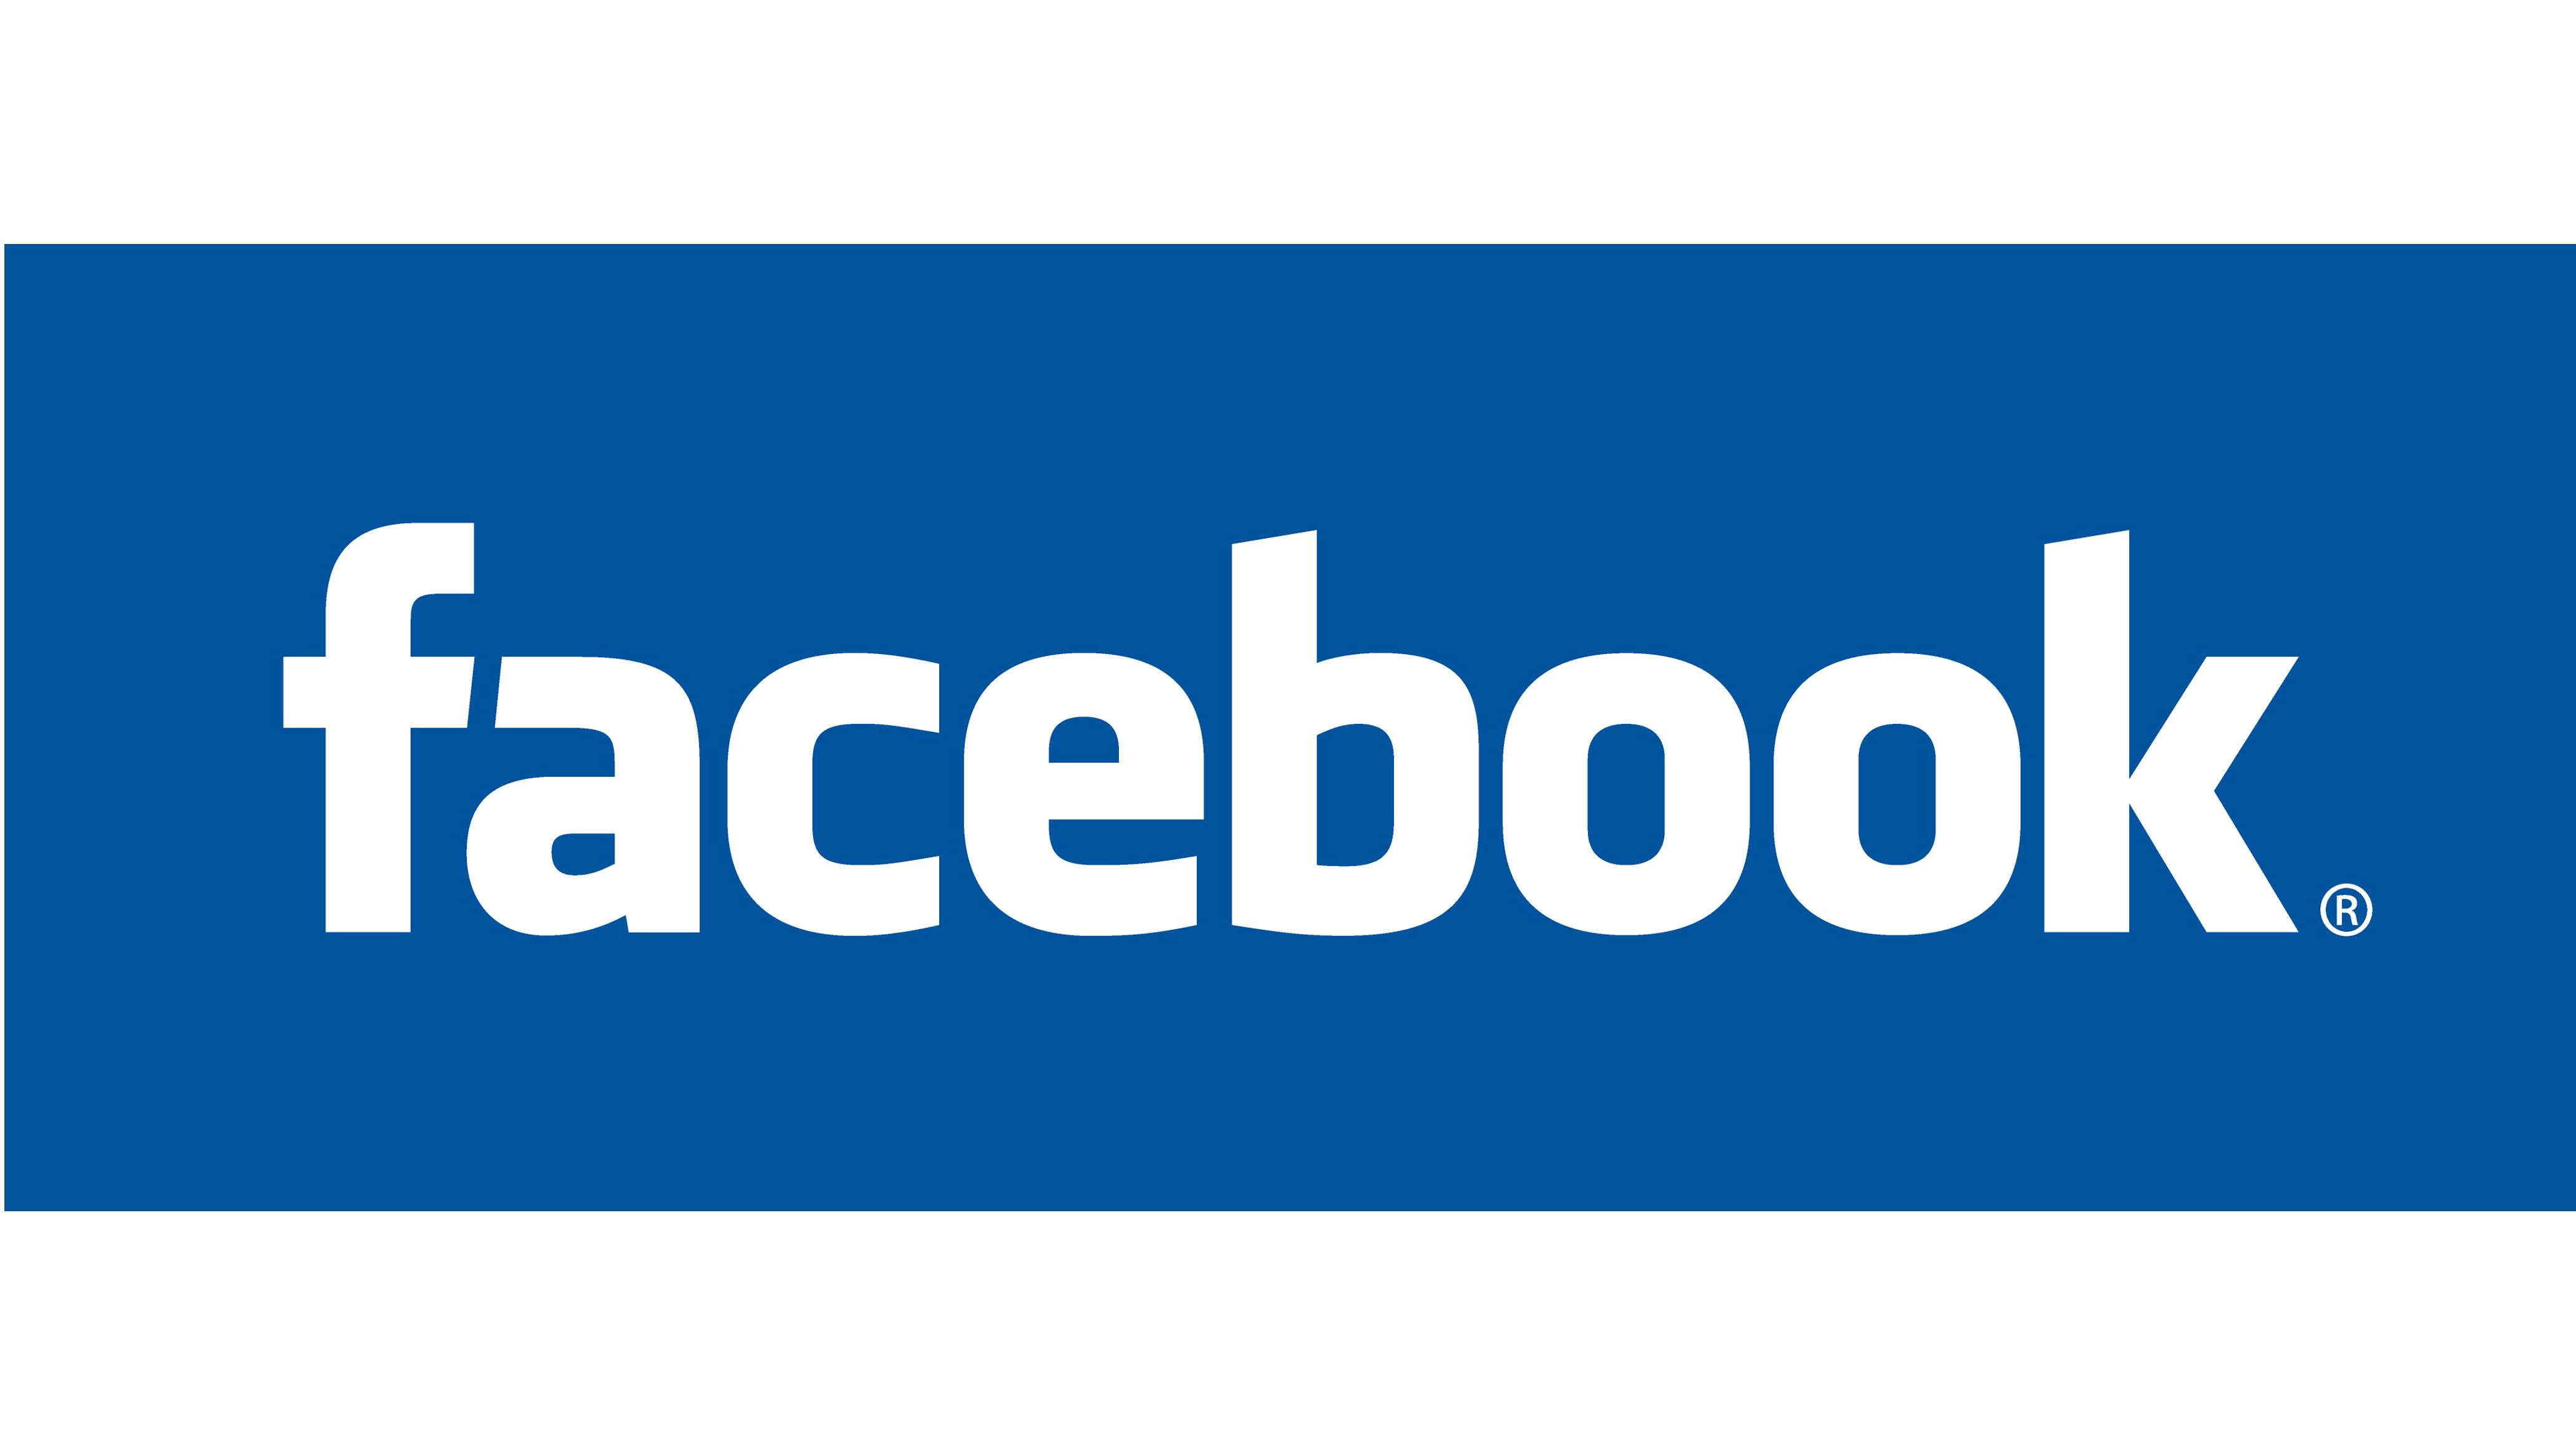 Facebook Logo LOGOS De MARCAS Logo Image.